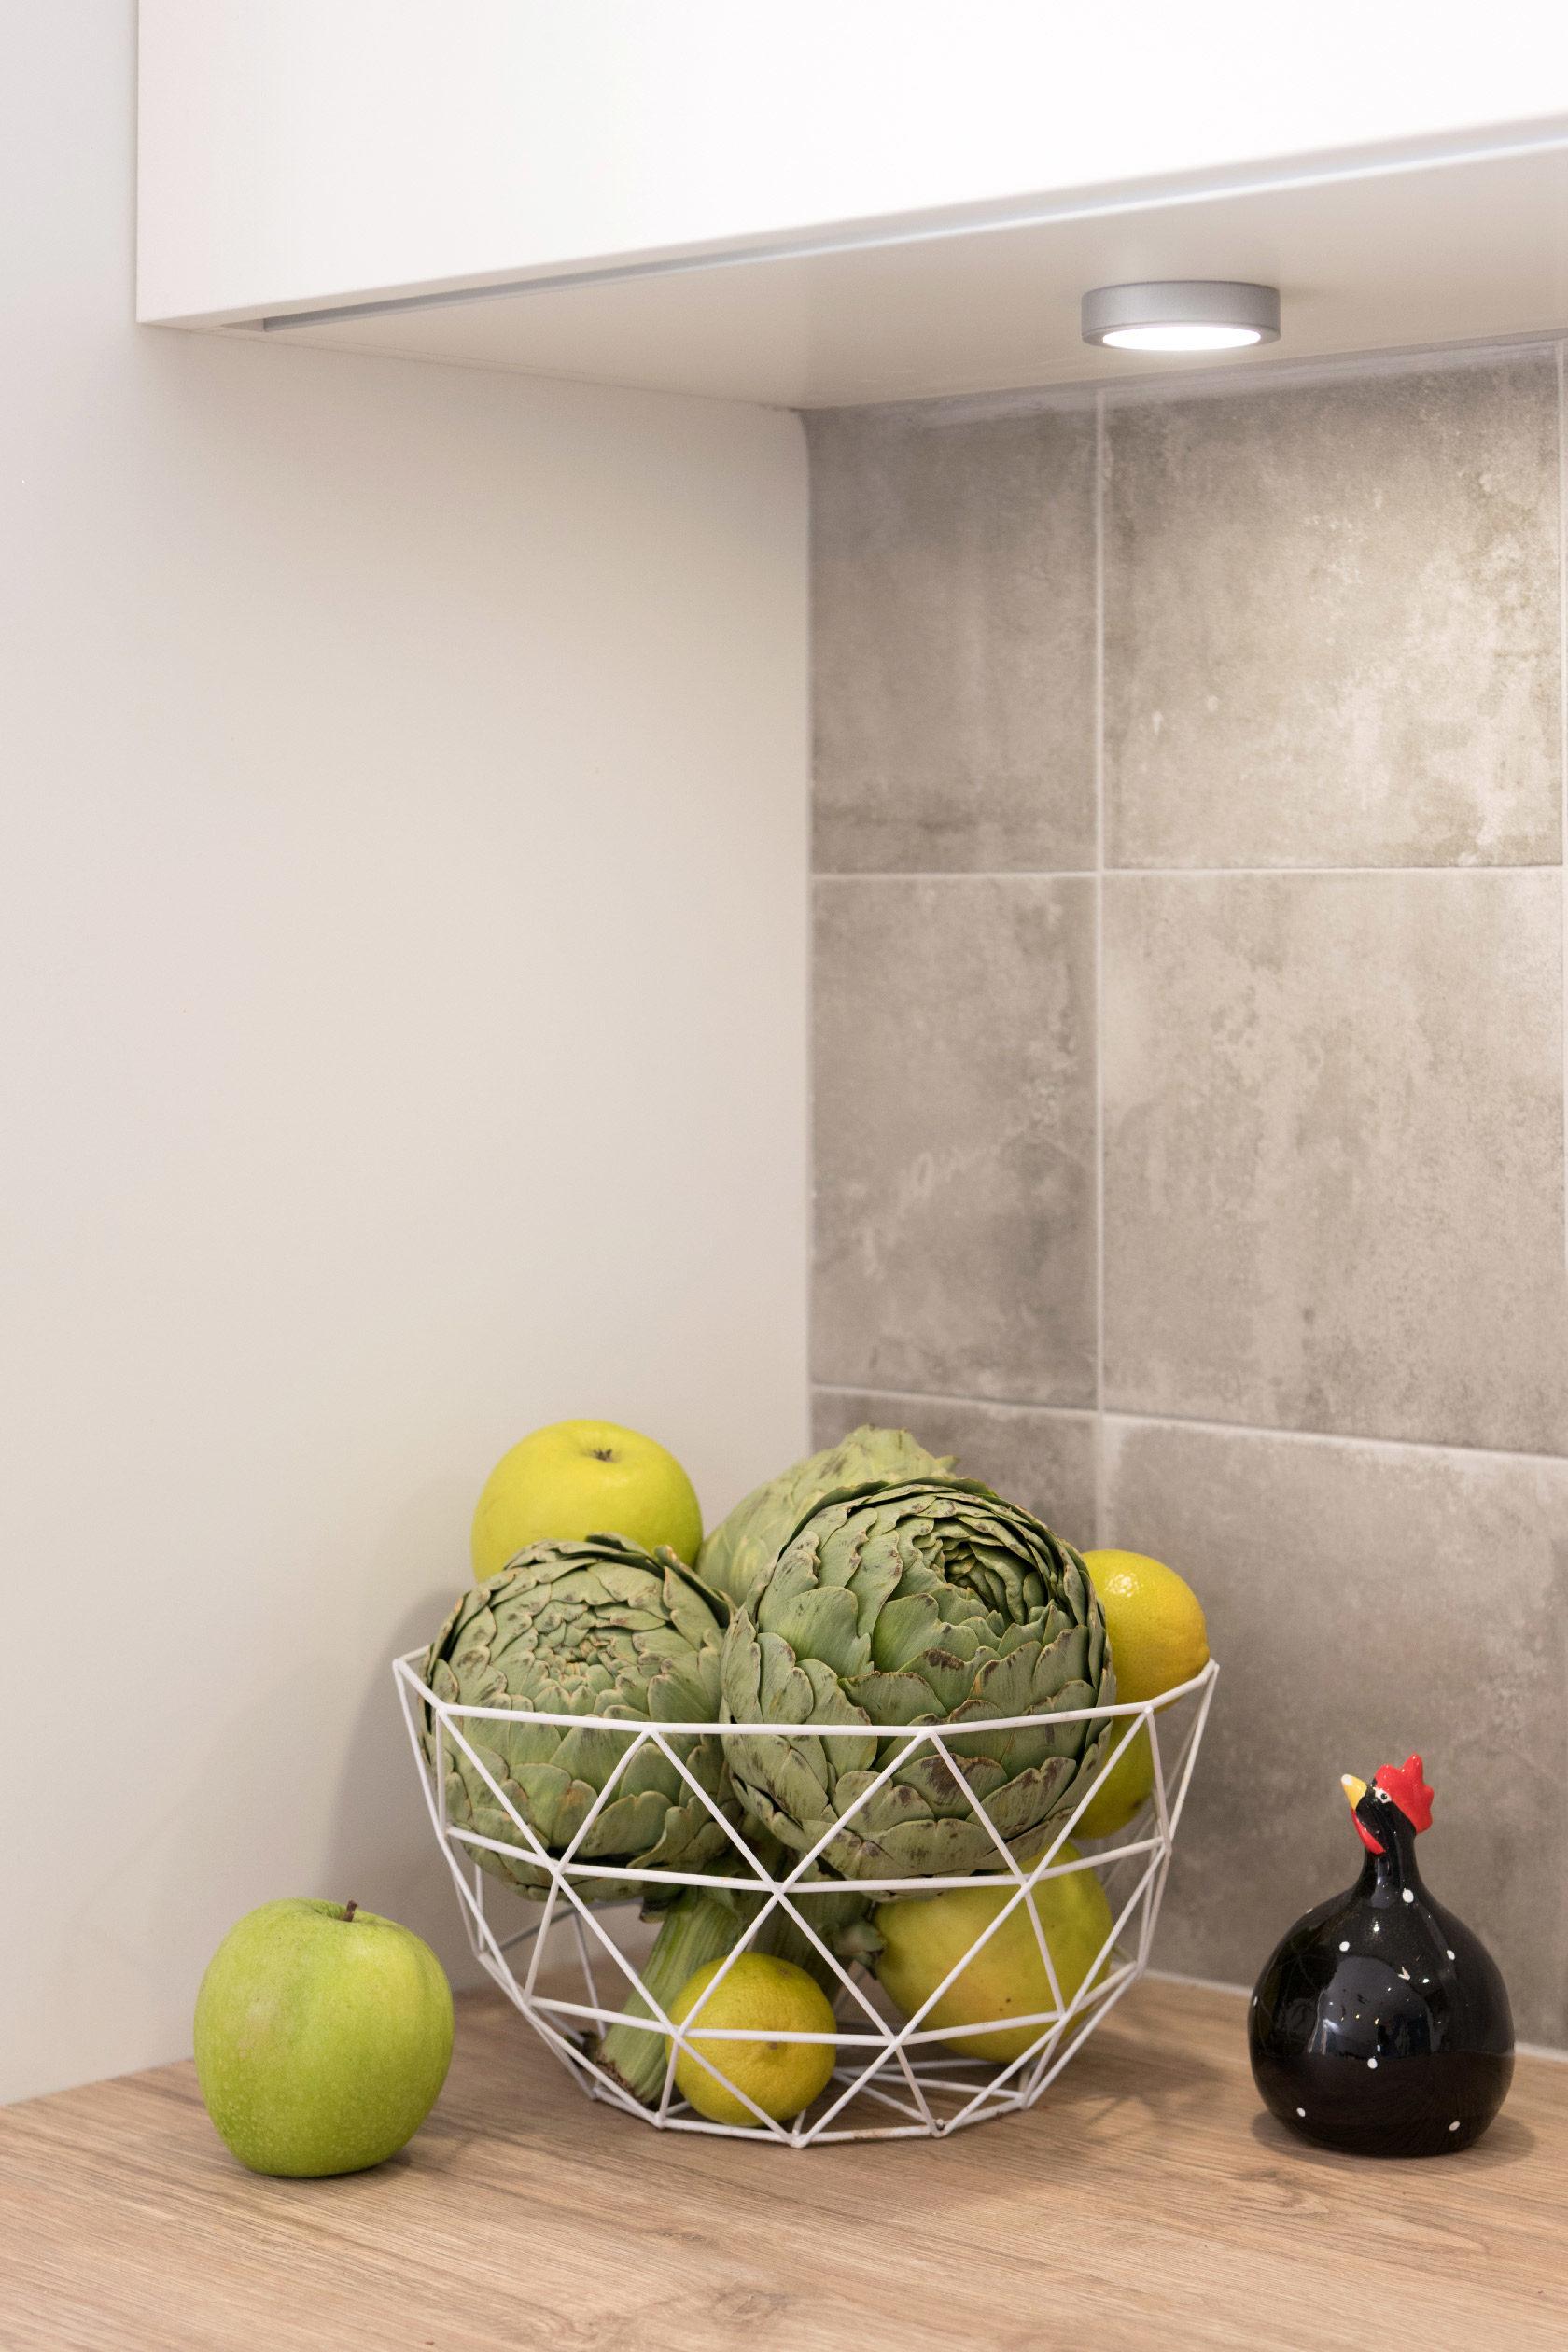 Un plan de travail en carrelage imitant un carreau de ciment gris, une façade de cuisine, une panière remplie d'artichauts. Une ambiance toute douce pour cette cuisine.